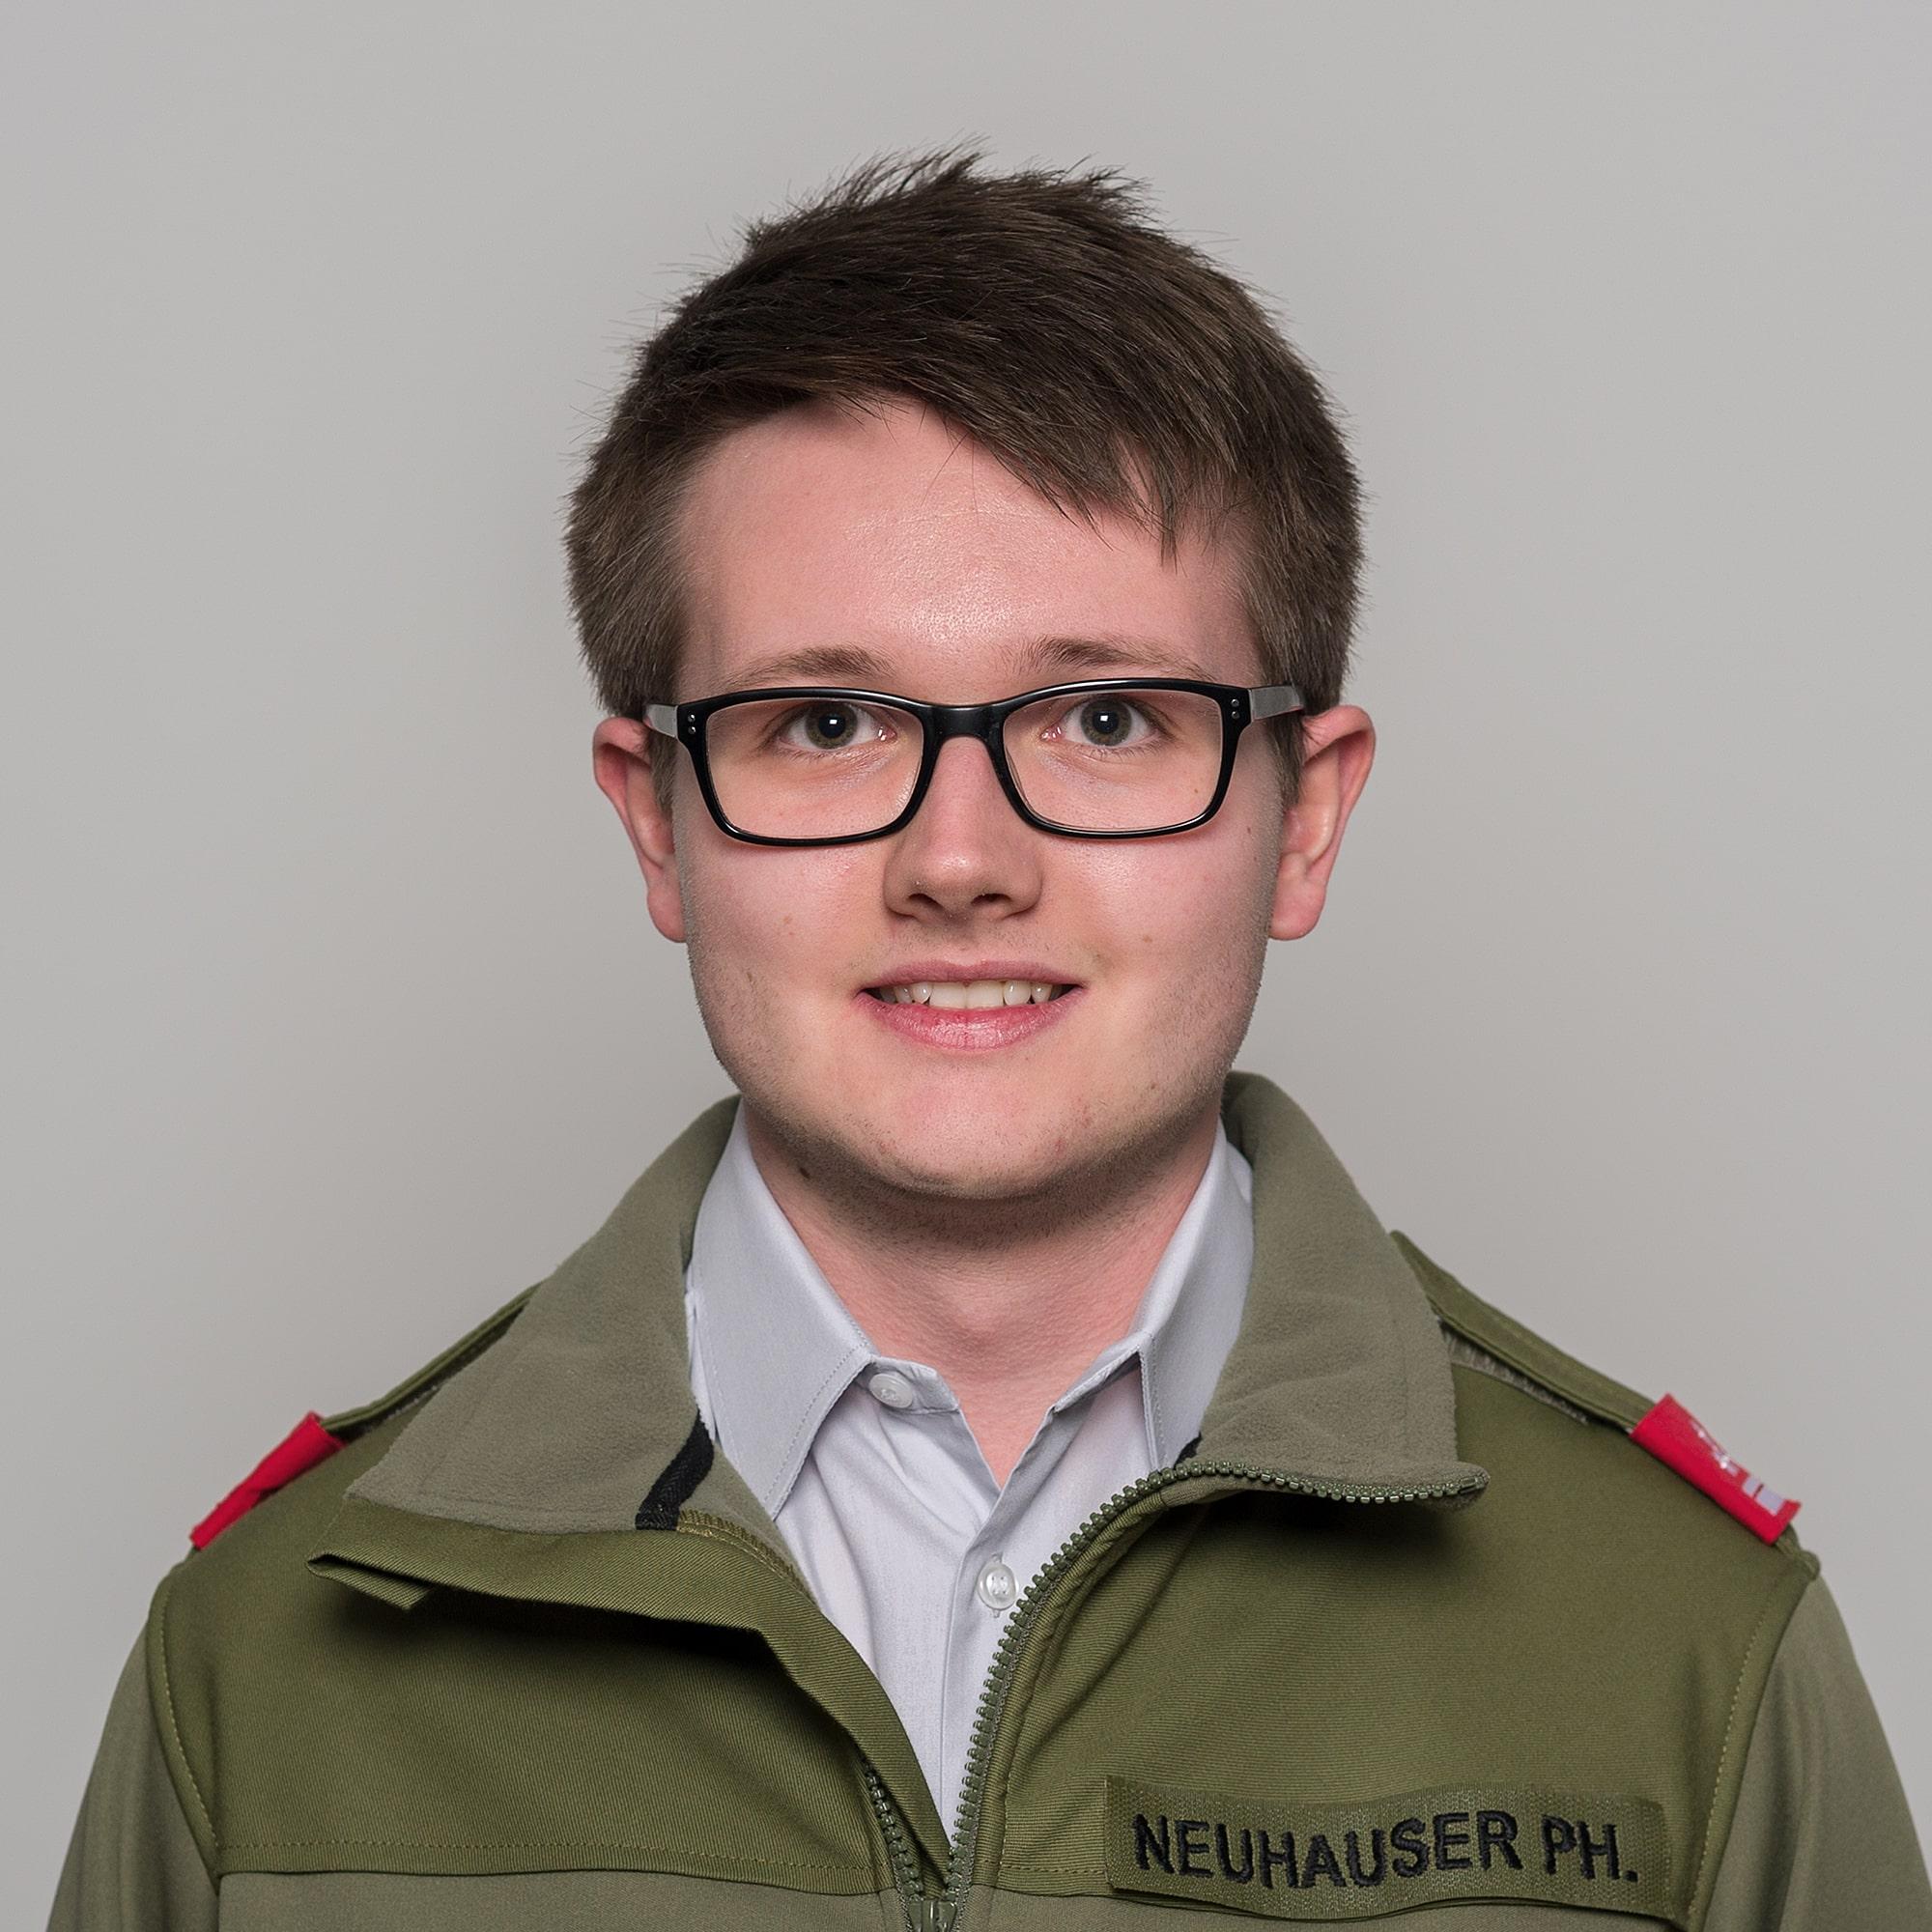 HBM Philipp Neuhauser